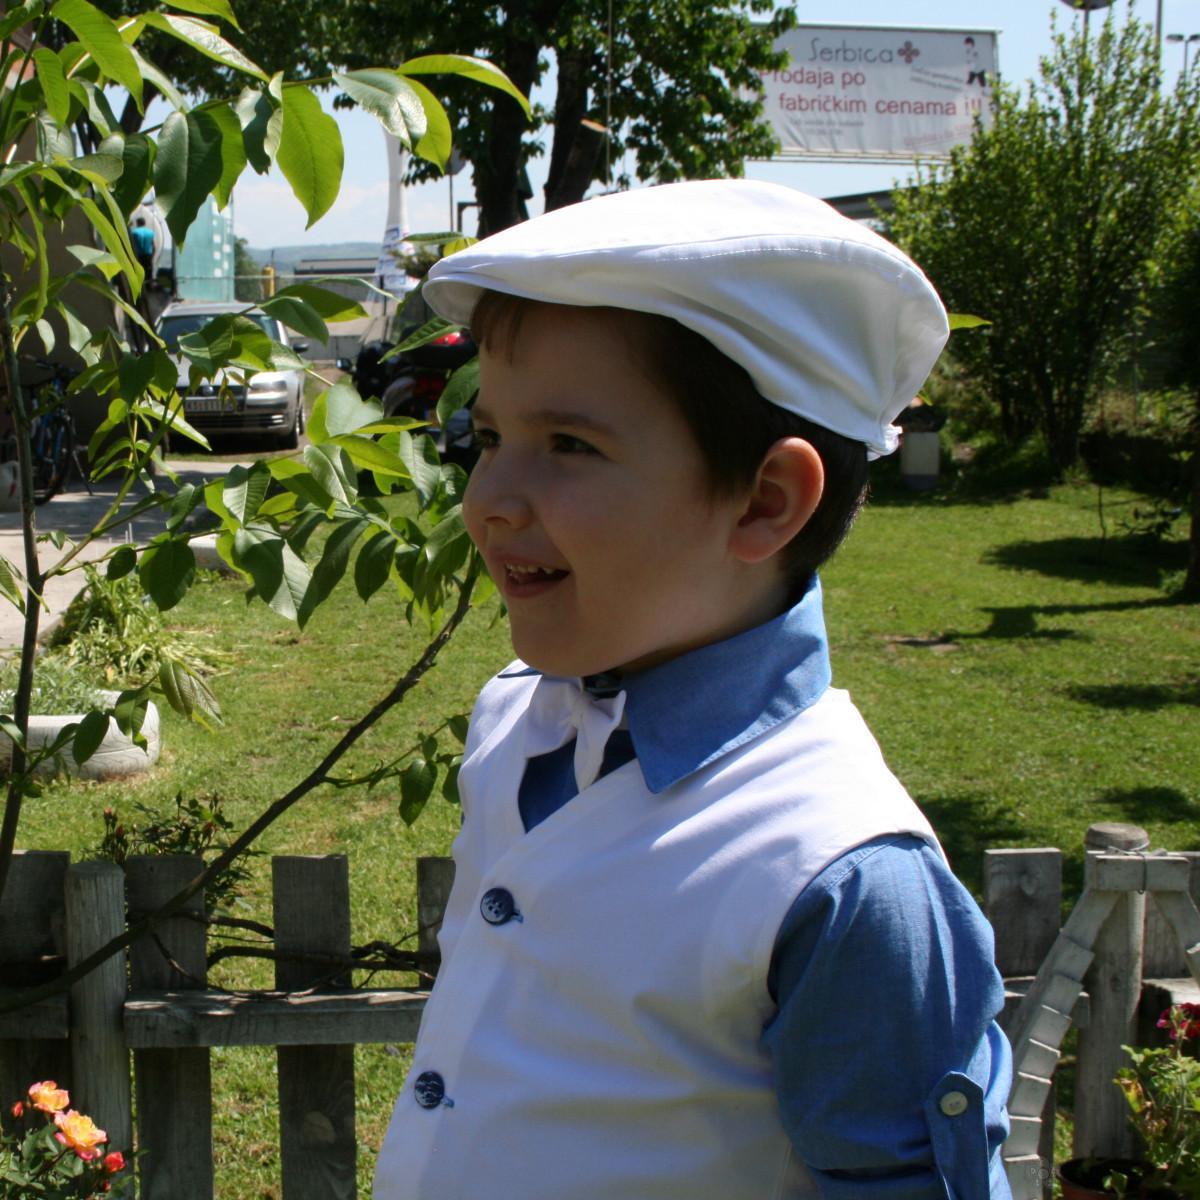 Bela kapa za dečake